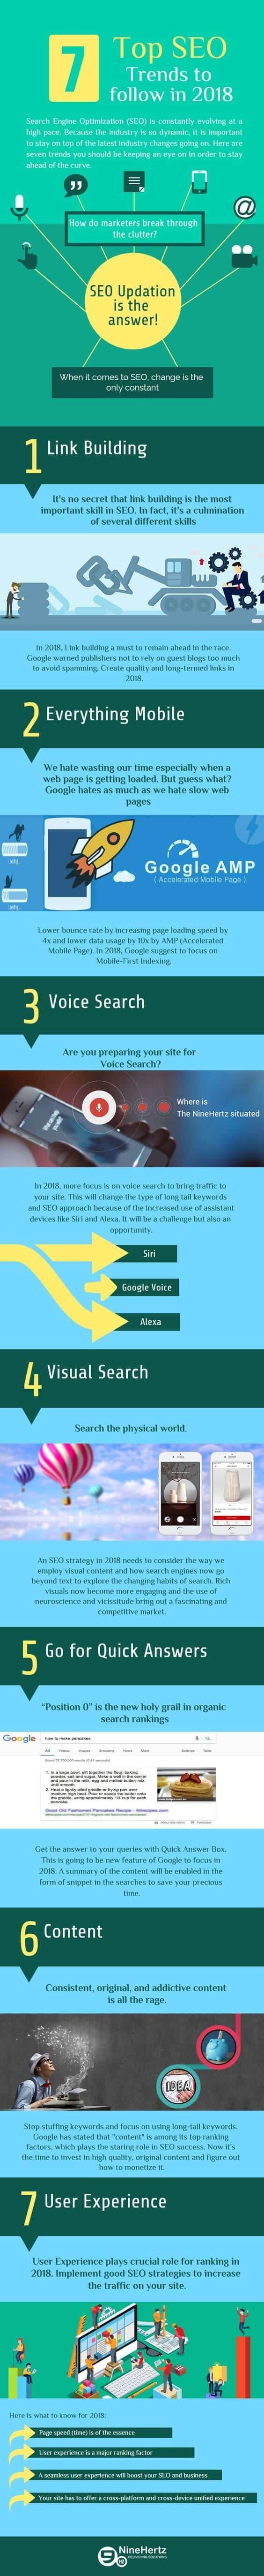 Seo infographics 2018